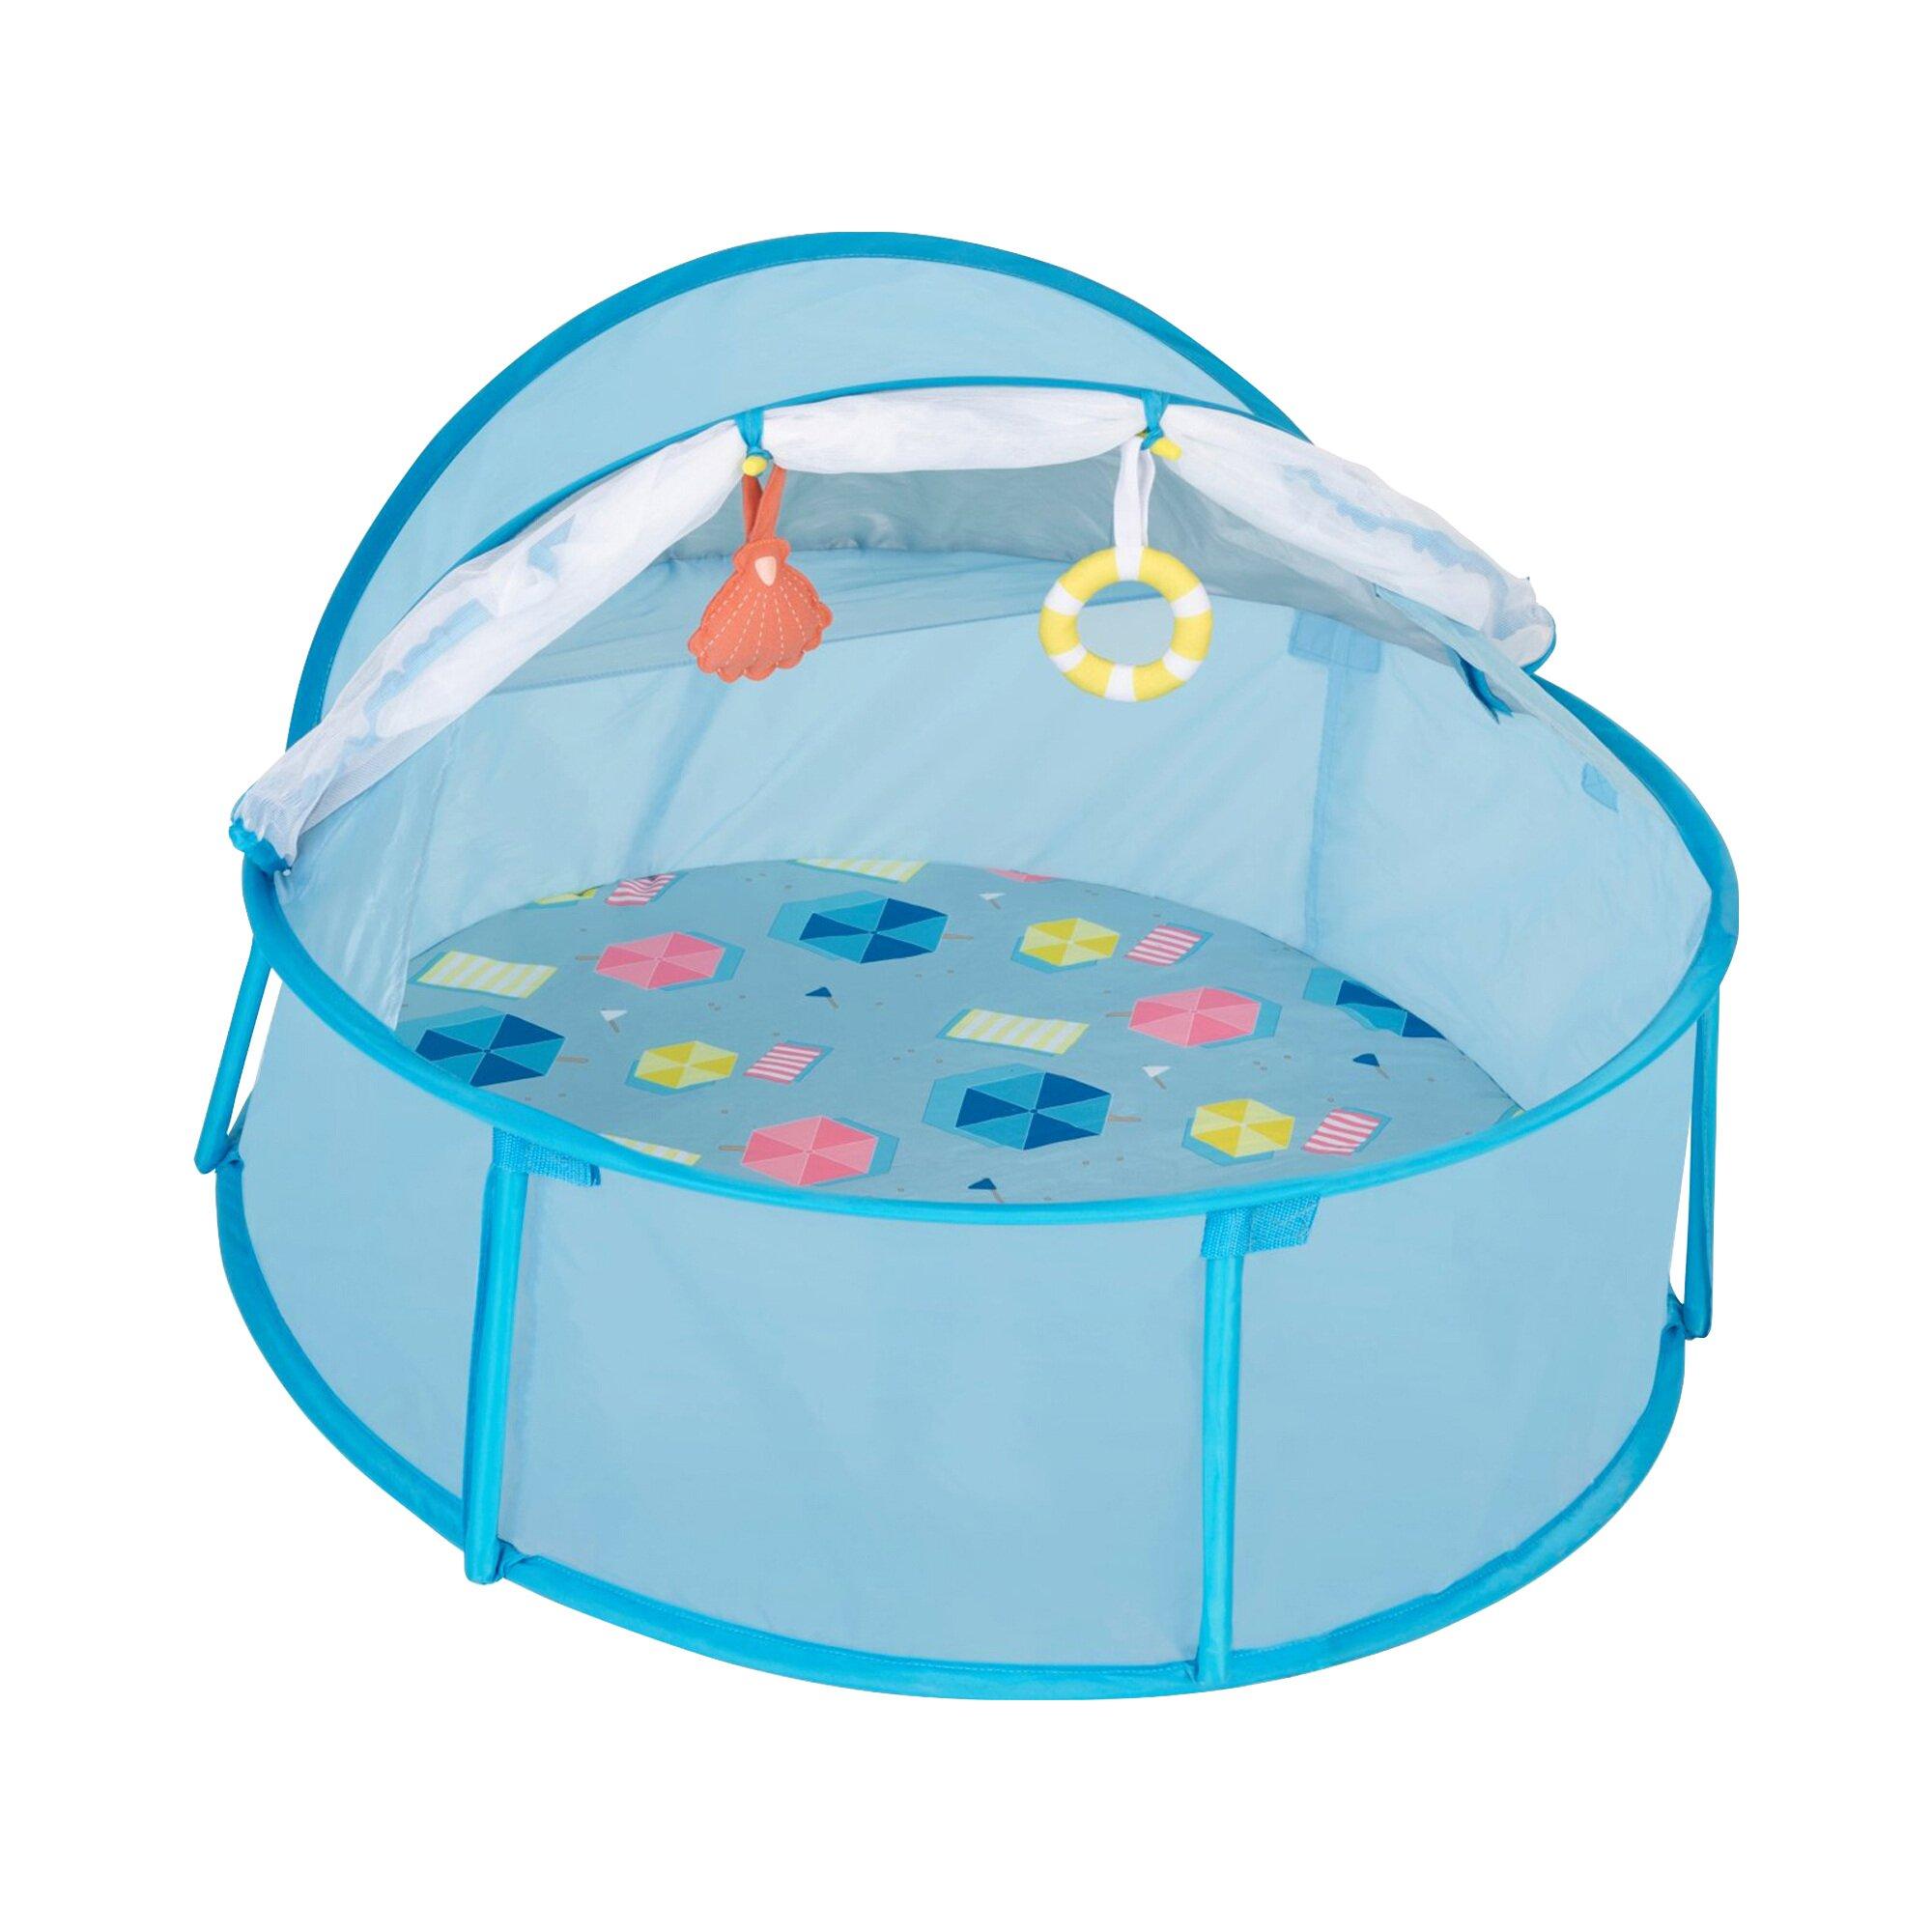 Babymoov Reise-Strandbett Babyni mit UV-Schutz 50+